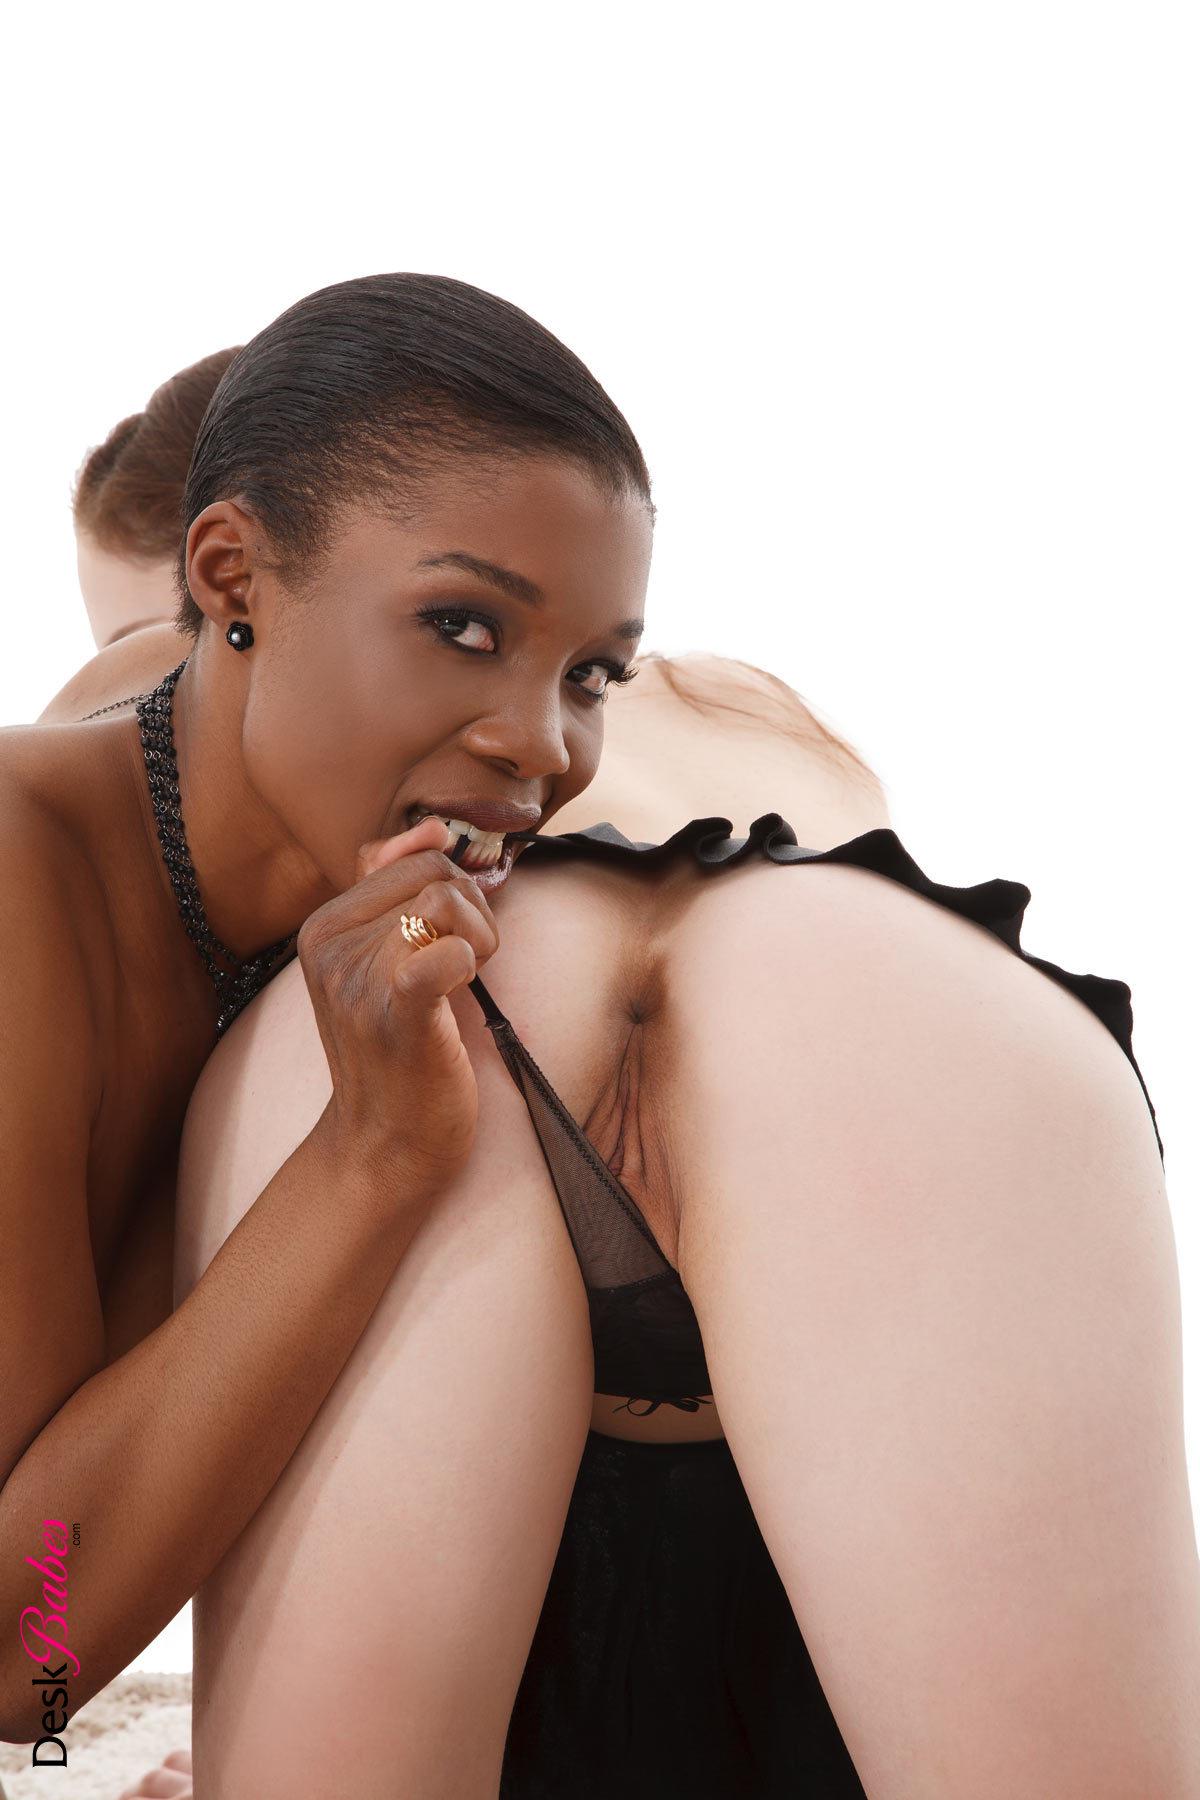 Больше сиськи смотреть огромные дойки у девушек бесплатно